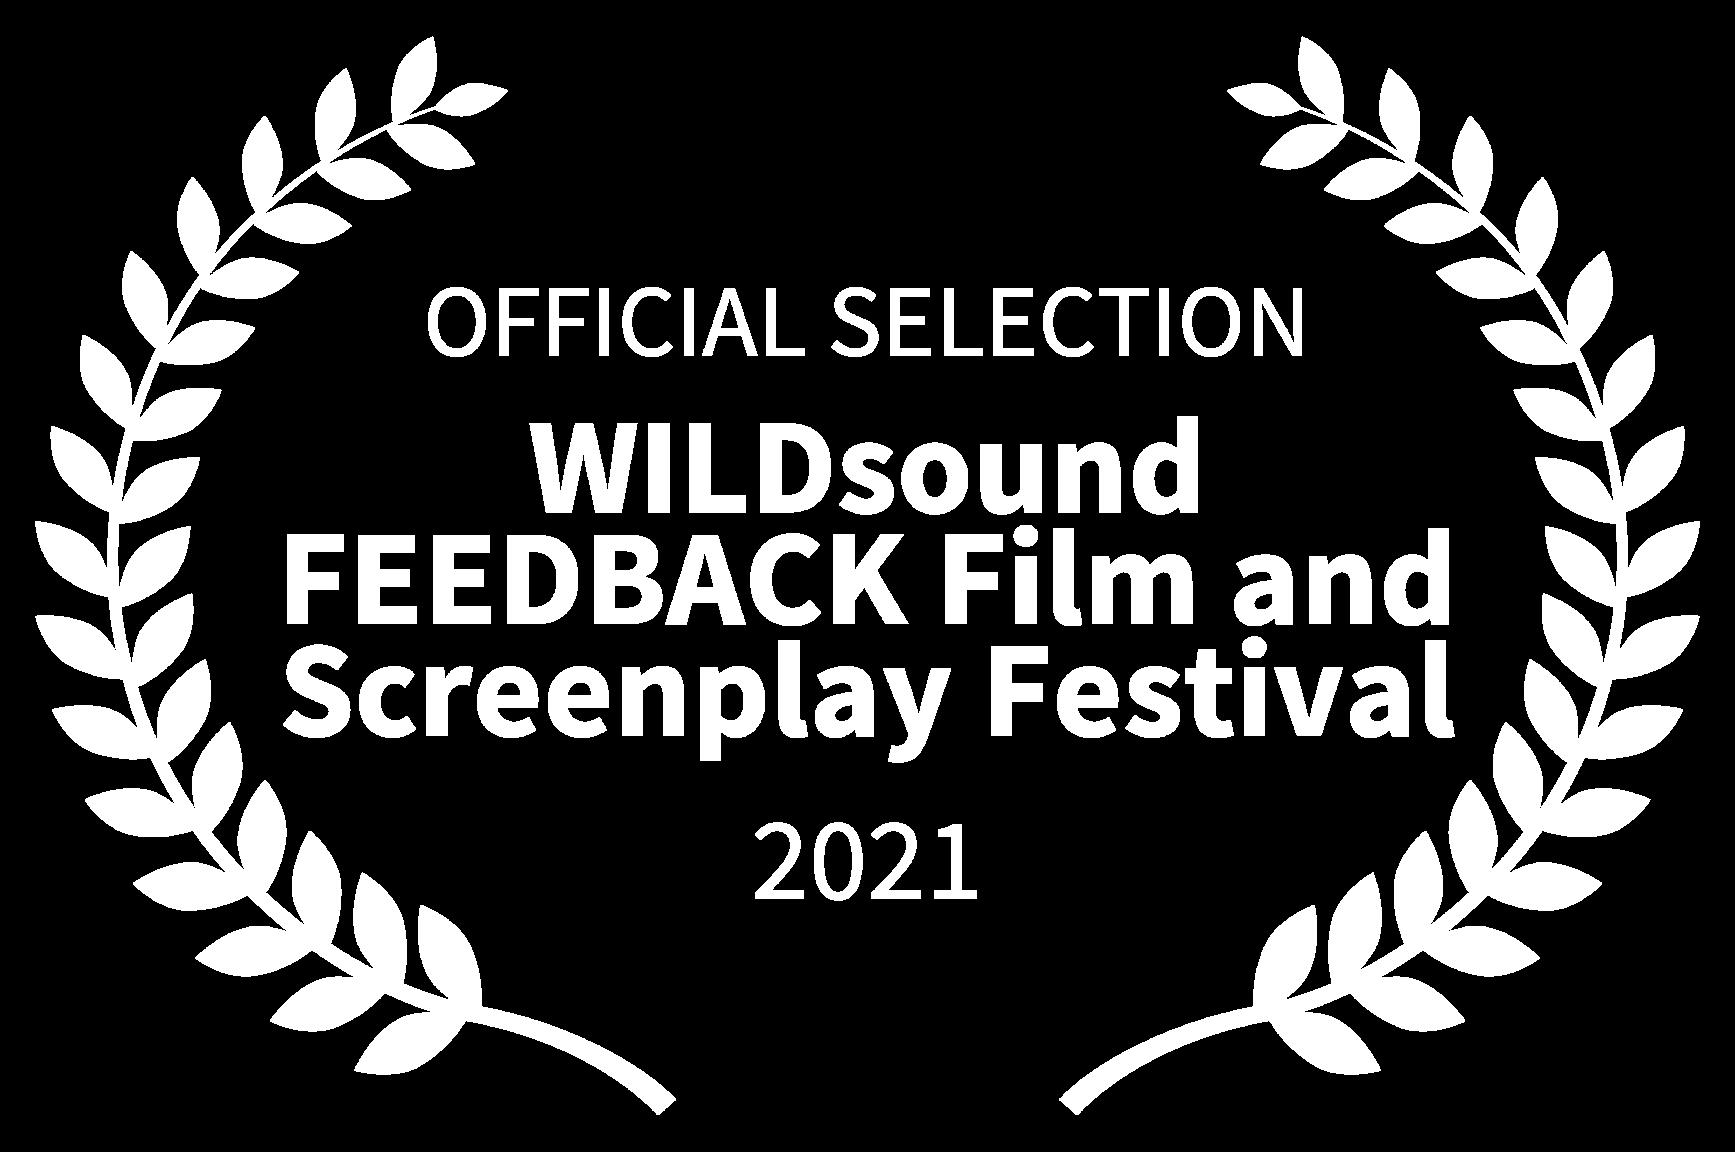 Wildsound